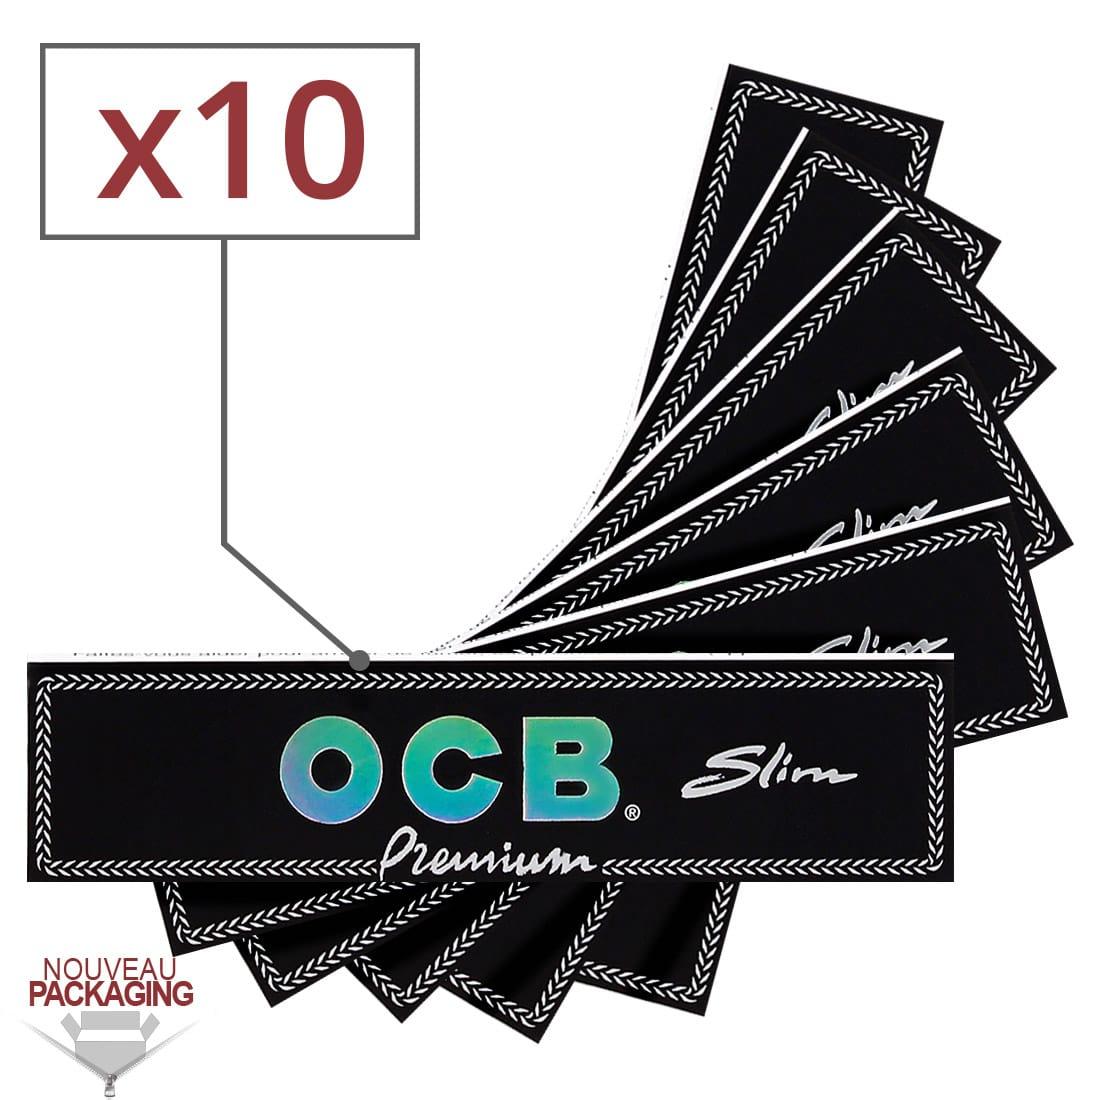 Photo de Papier à rouler OCB Slim Premium x10